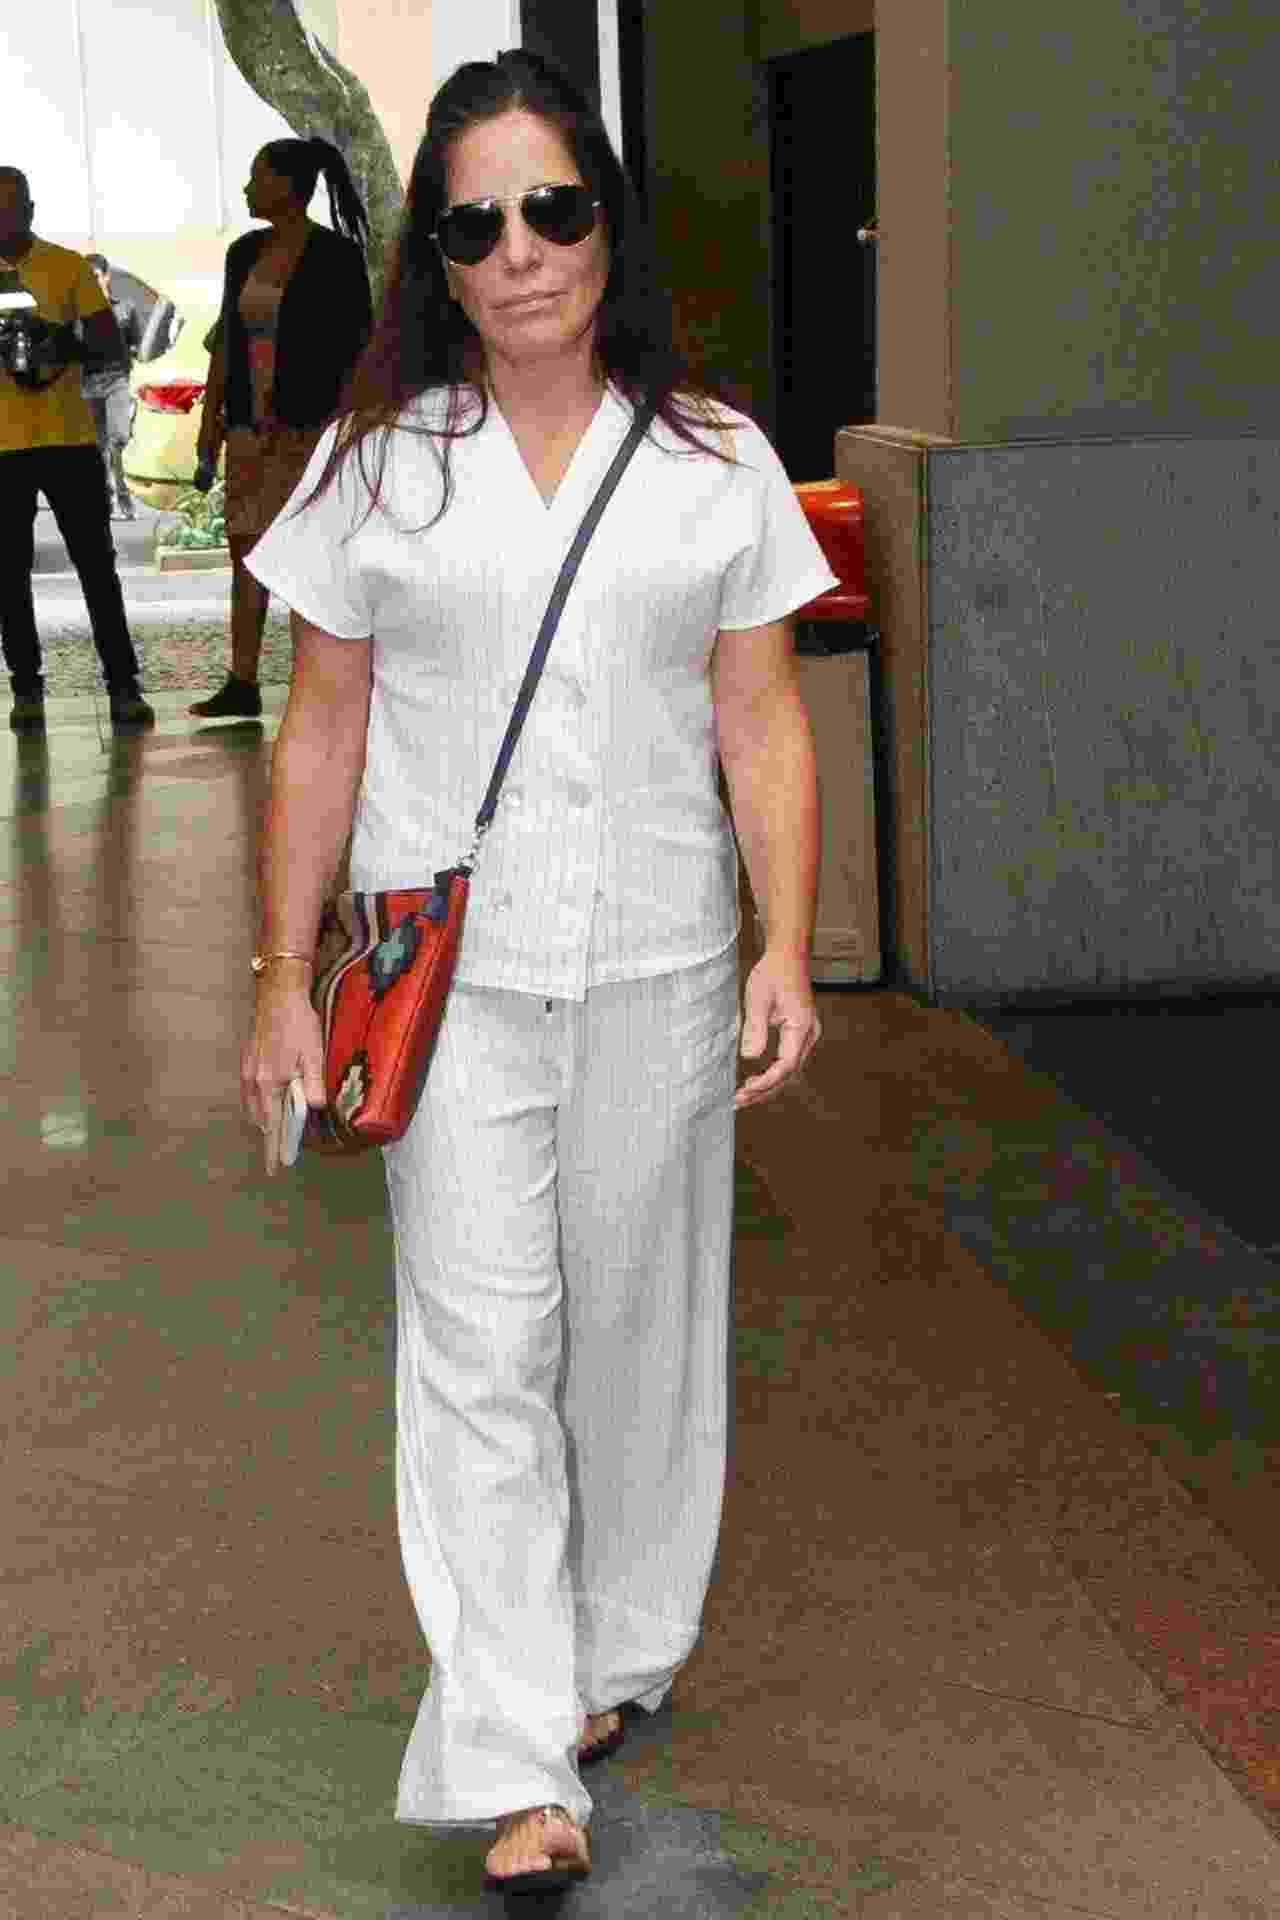 O corpo da atriz Lady Francisco foi velado hoje em cerimônia aberta ao público na sala Fernanda Montenegro, no Teatro Leblon, no Rio. Familiares e amigos se reunirão amanhã para uma cerimônia privada de cremação no Cemitério da Penitência - Manu Scarpa/Brazil News